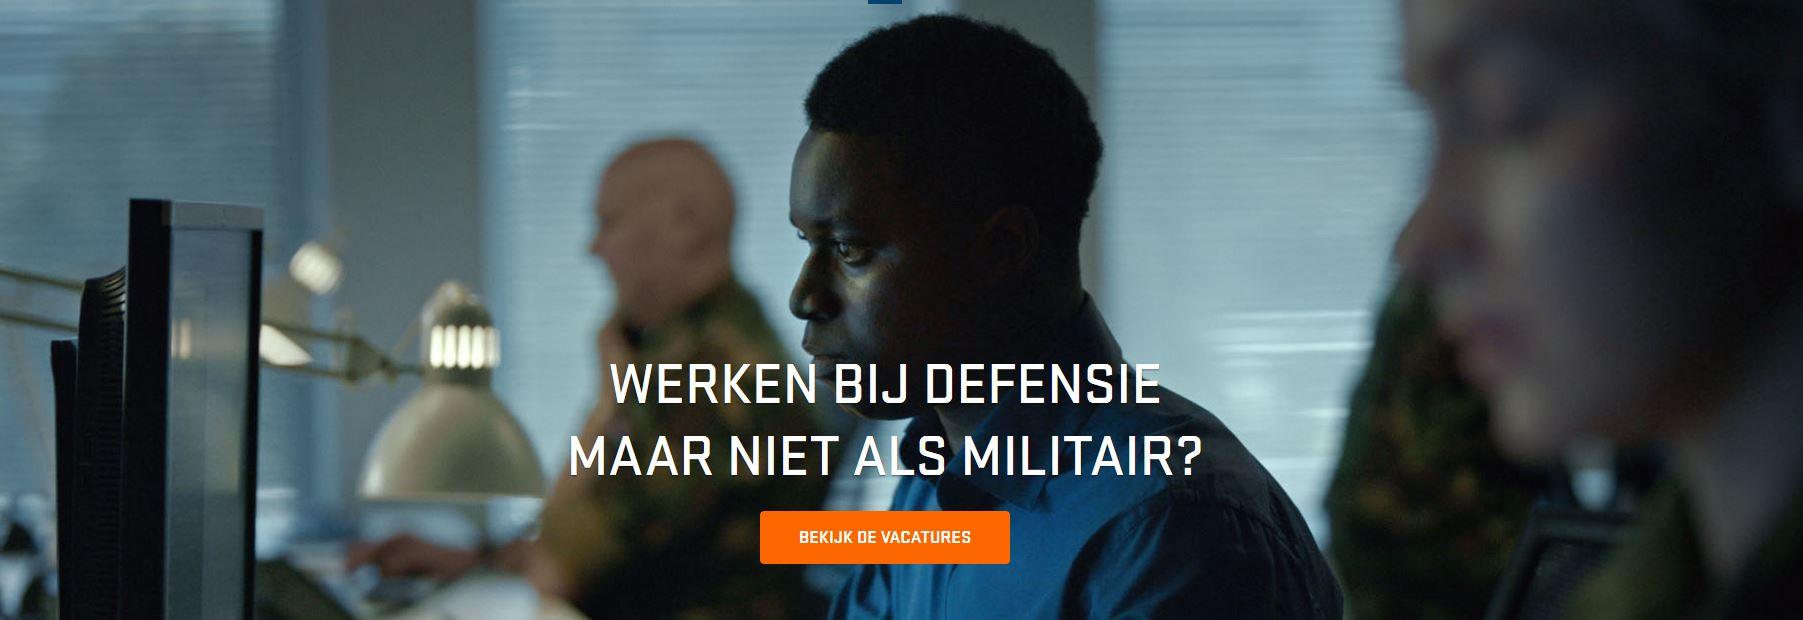 defensie niet-militairen